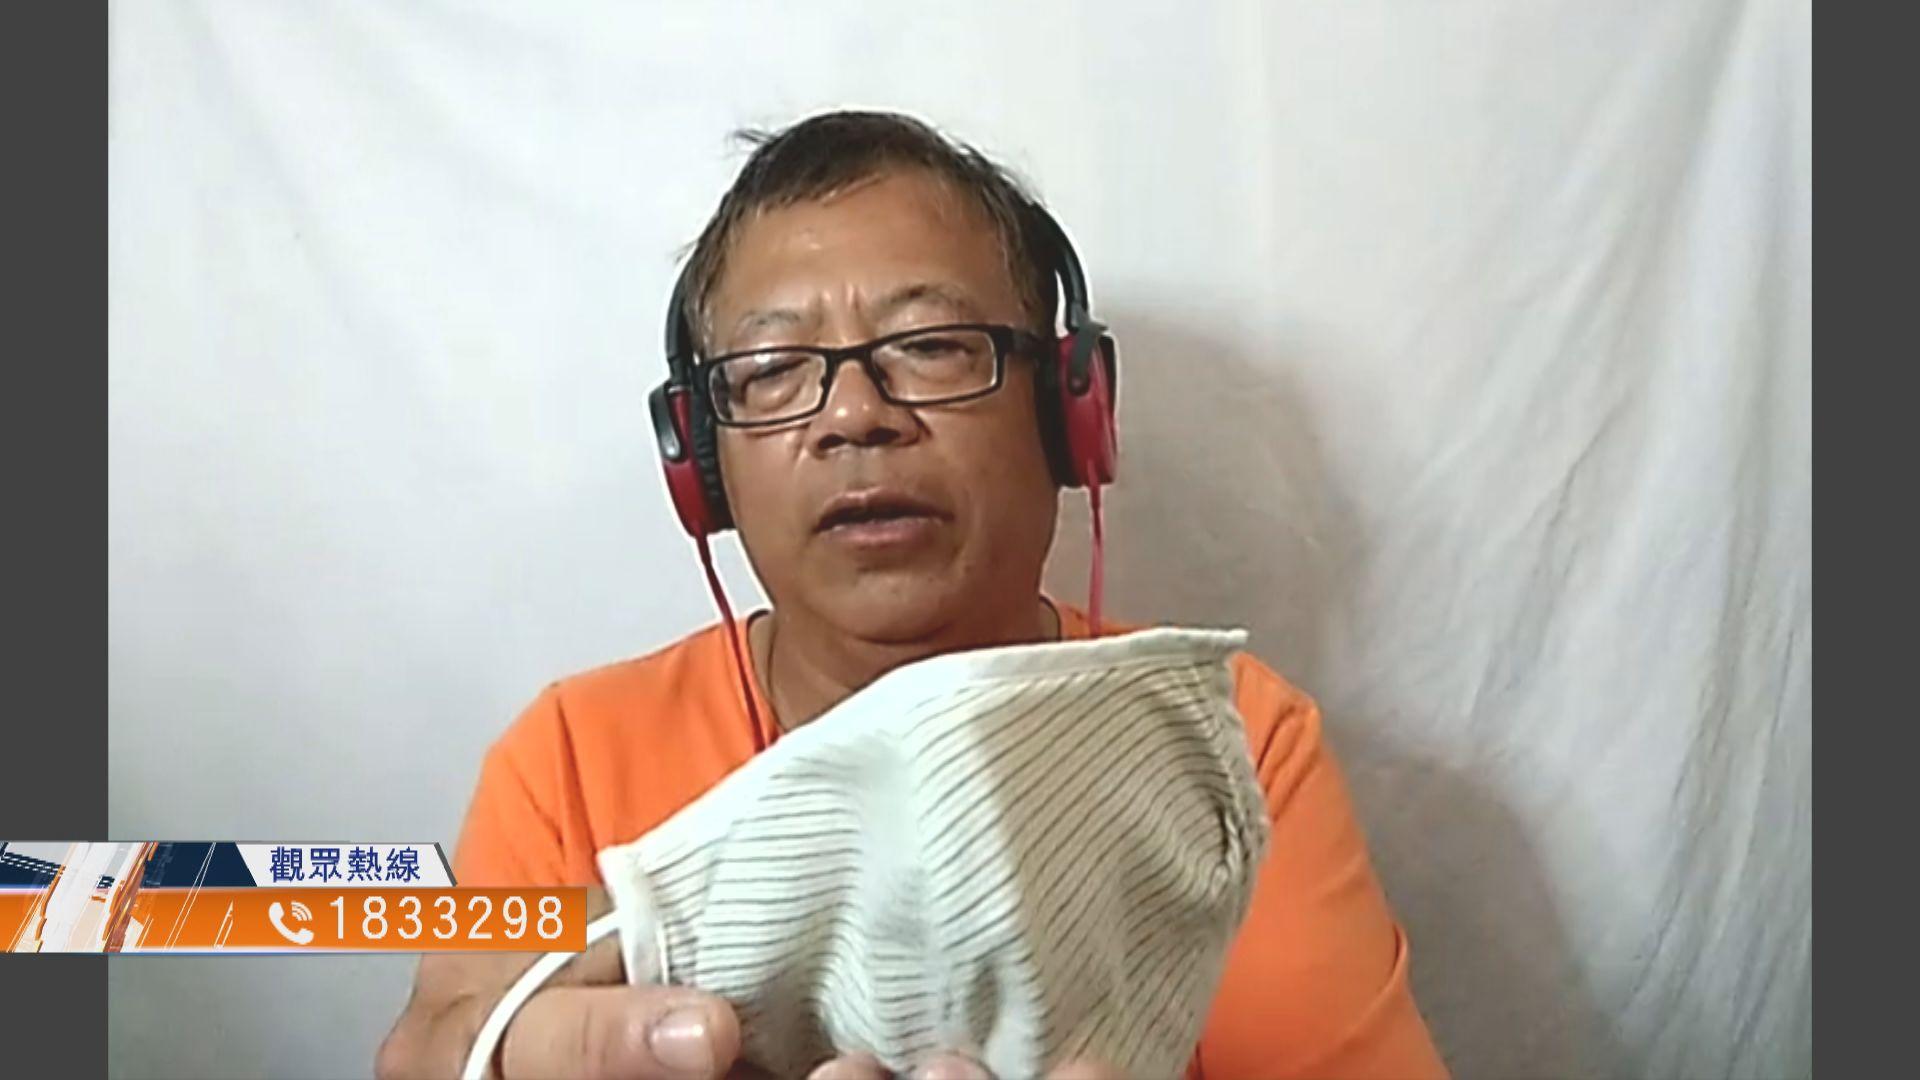 【和你驗】K Kwong評銅芯口罩︰用心良好 惟暫不宜使用......